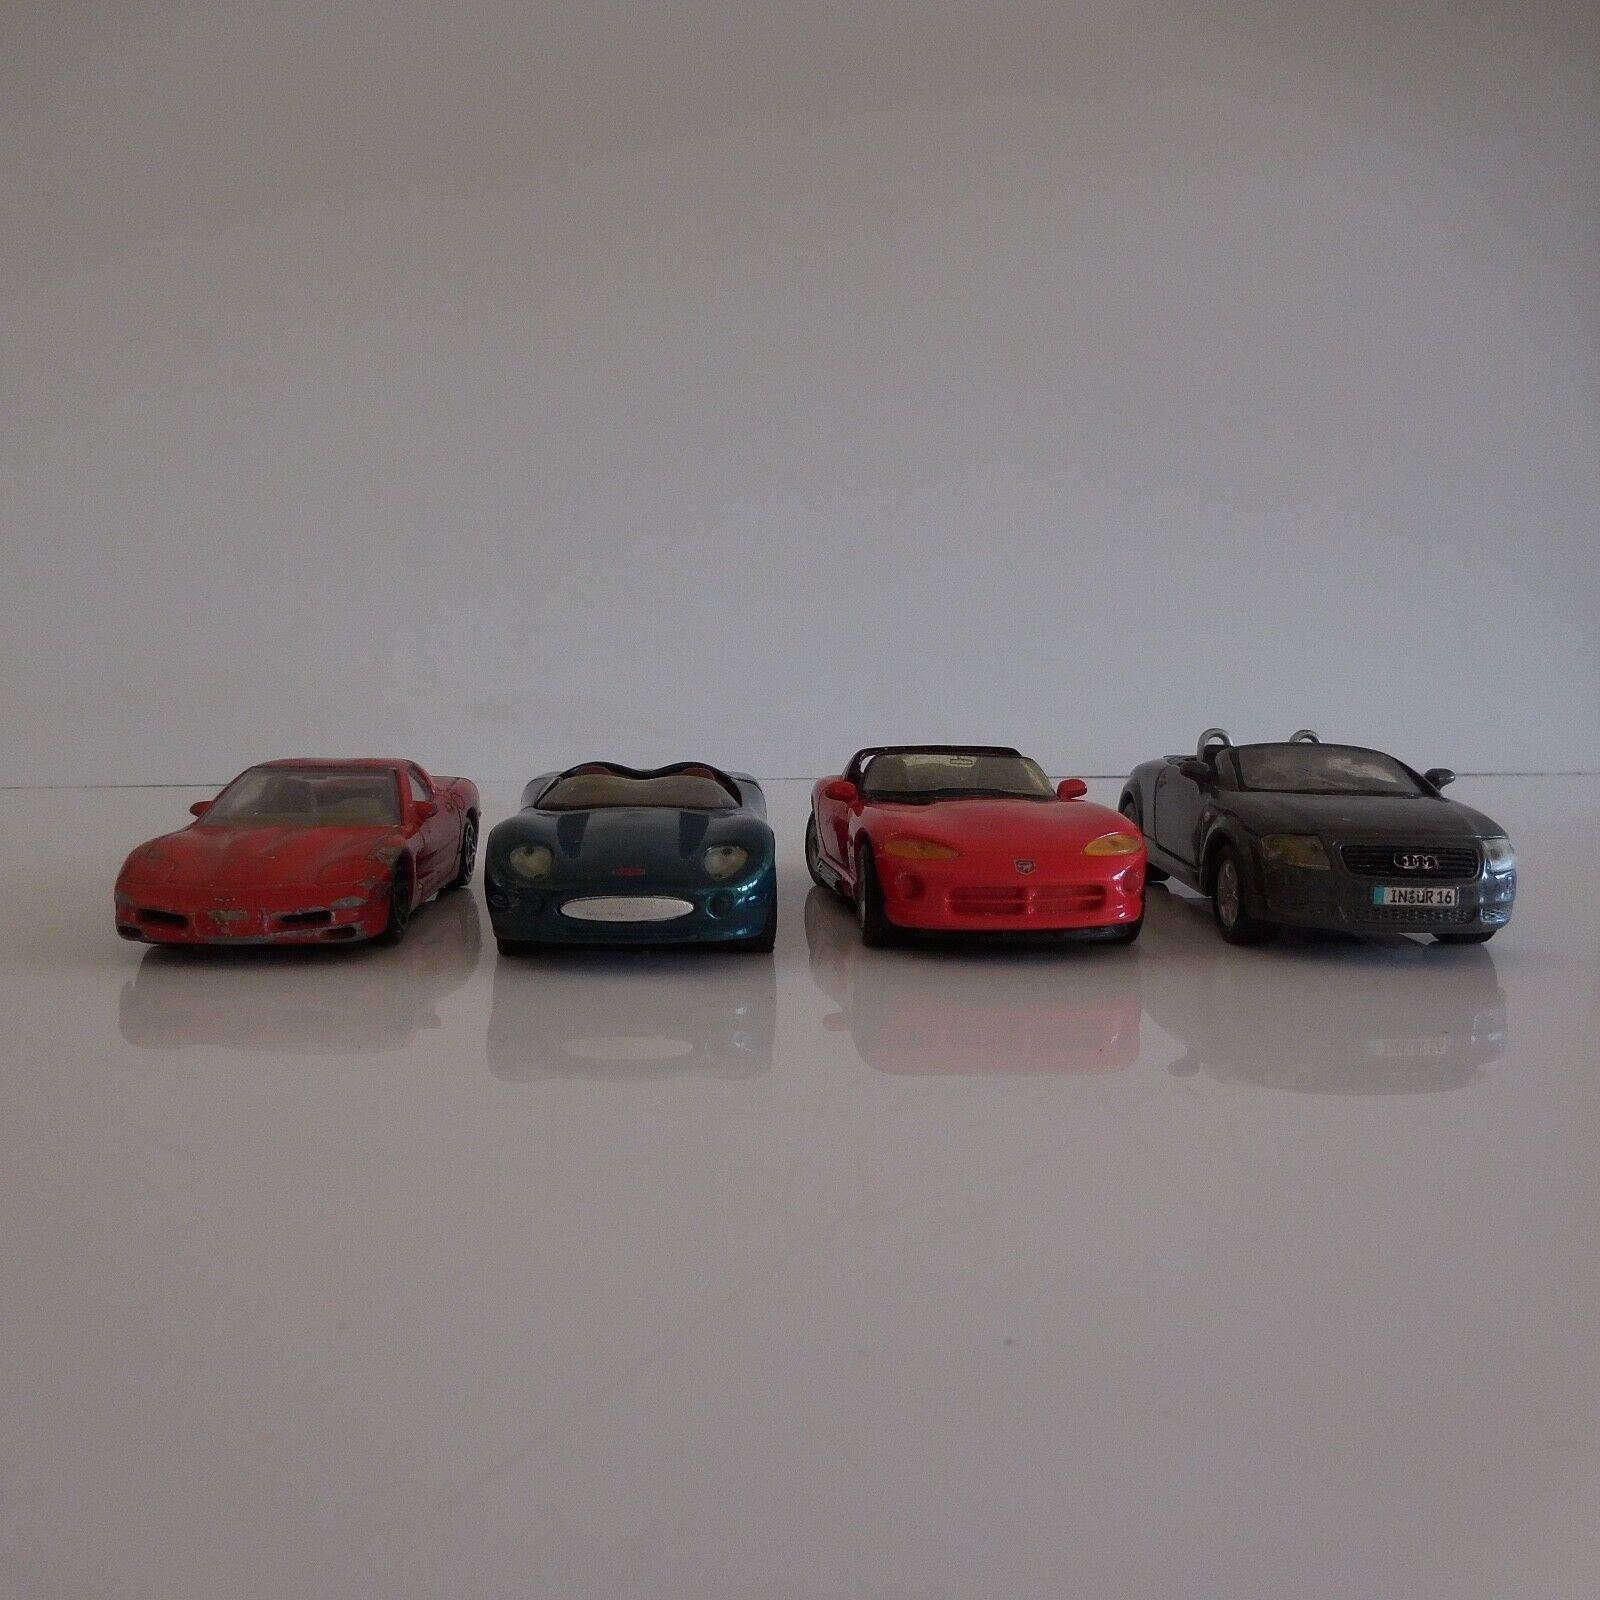 4 Coches Miniaturas Vintage Colección Audi Dodge Jaguar Chevrolet